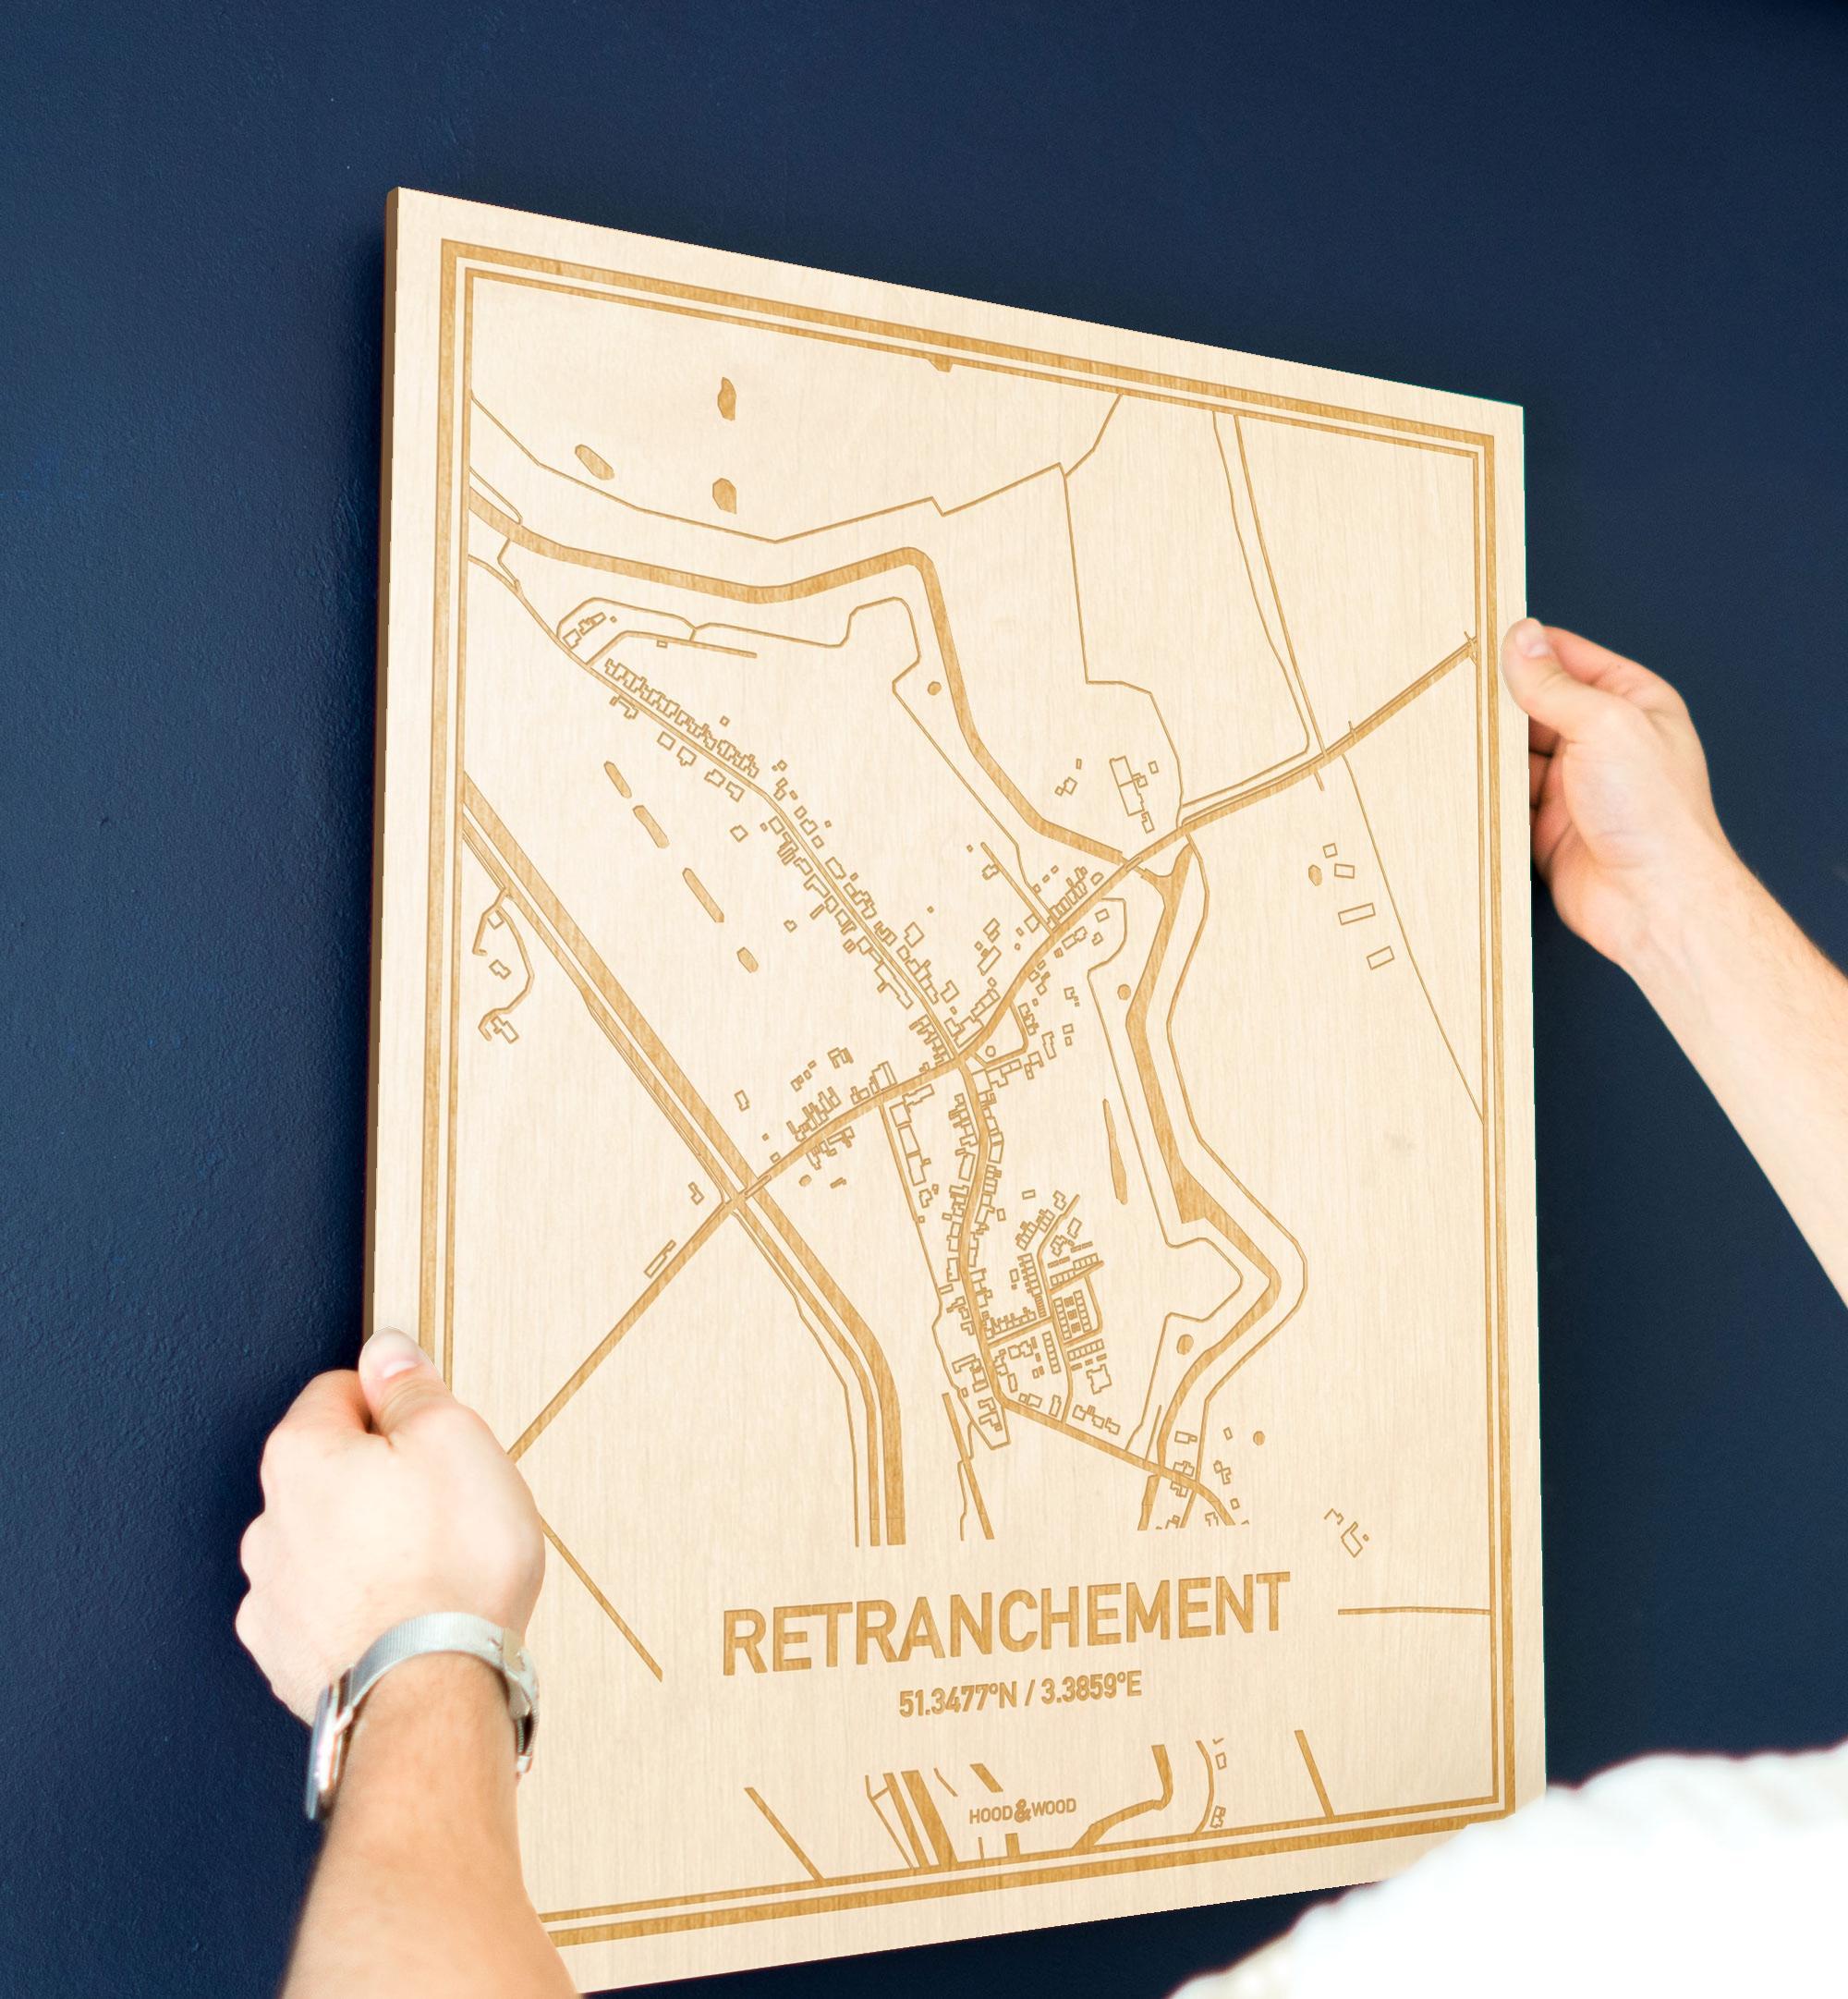 Een man hangt de houten plattegrond Retranchement aan zijn blauwe muur ter decoratie. Je ziet alleen zijn handen de kaart van deze unieke in Zeeland vasthouden.